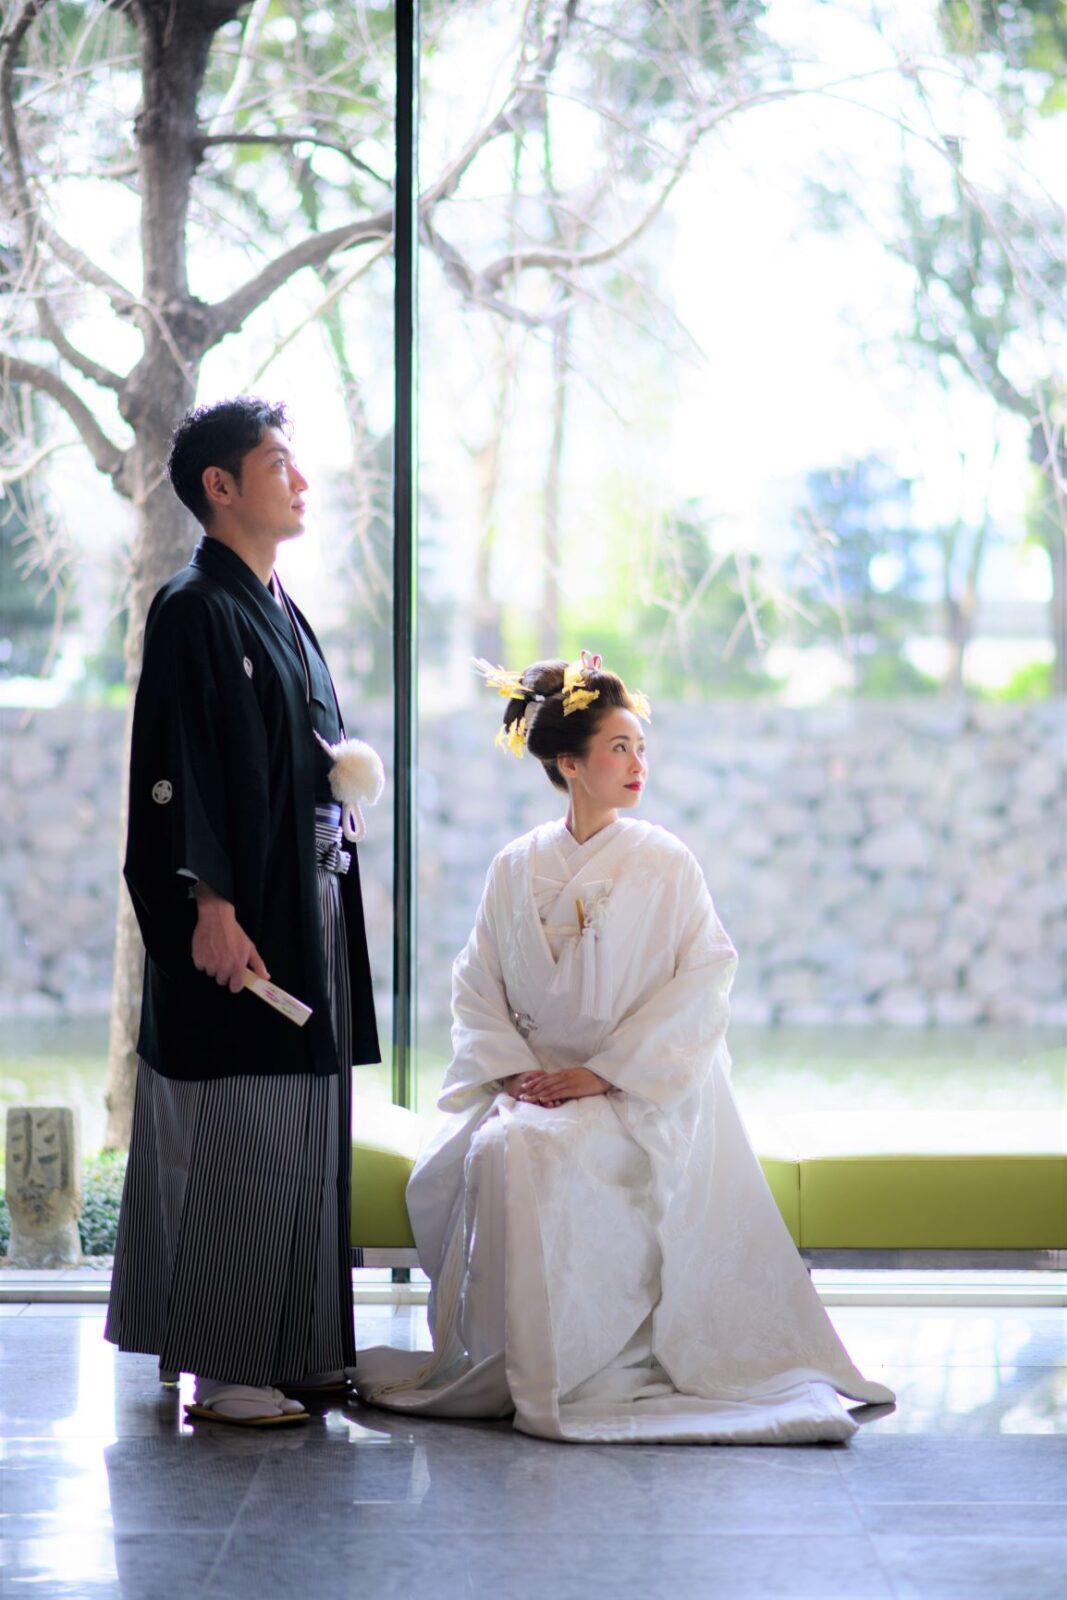 自然光がたっぷりと差し込むパレスホテル東京のピクチャーウインドウから望める皇居の景色をバックに、白無垢や紋付羽織袴をお召いただき、和モダンなお写真を残していただくのはいかがでしょうか